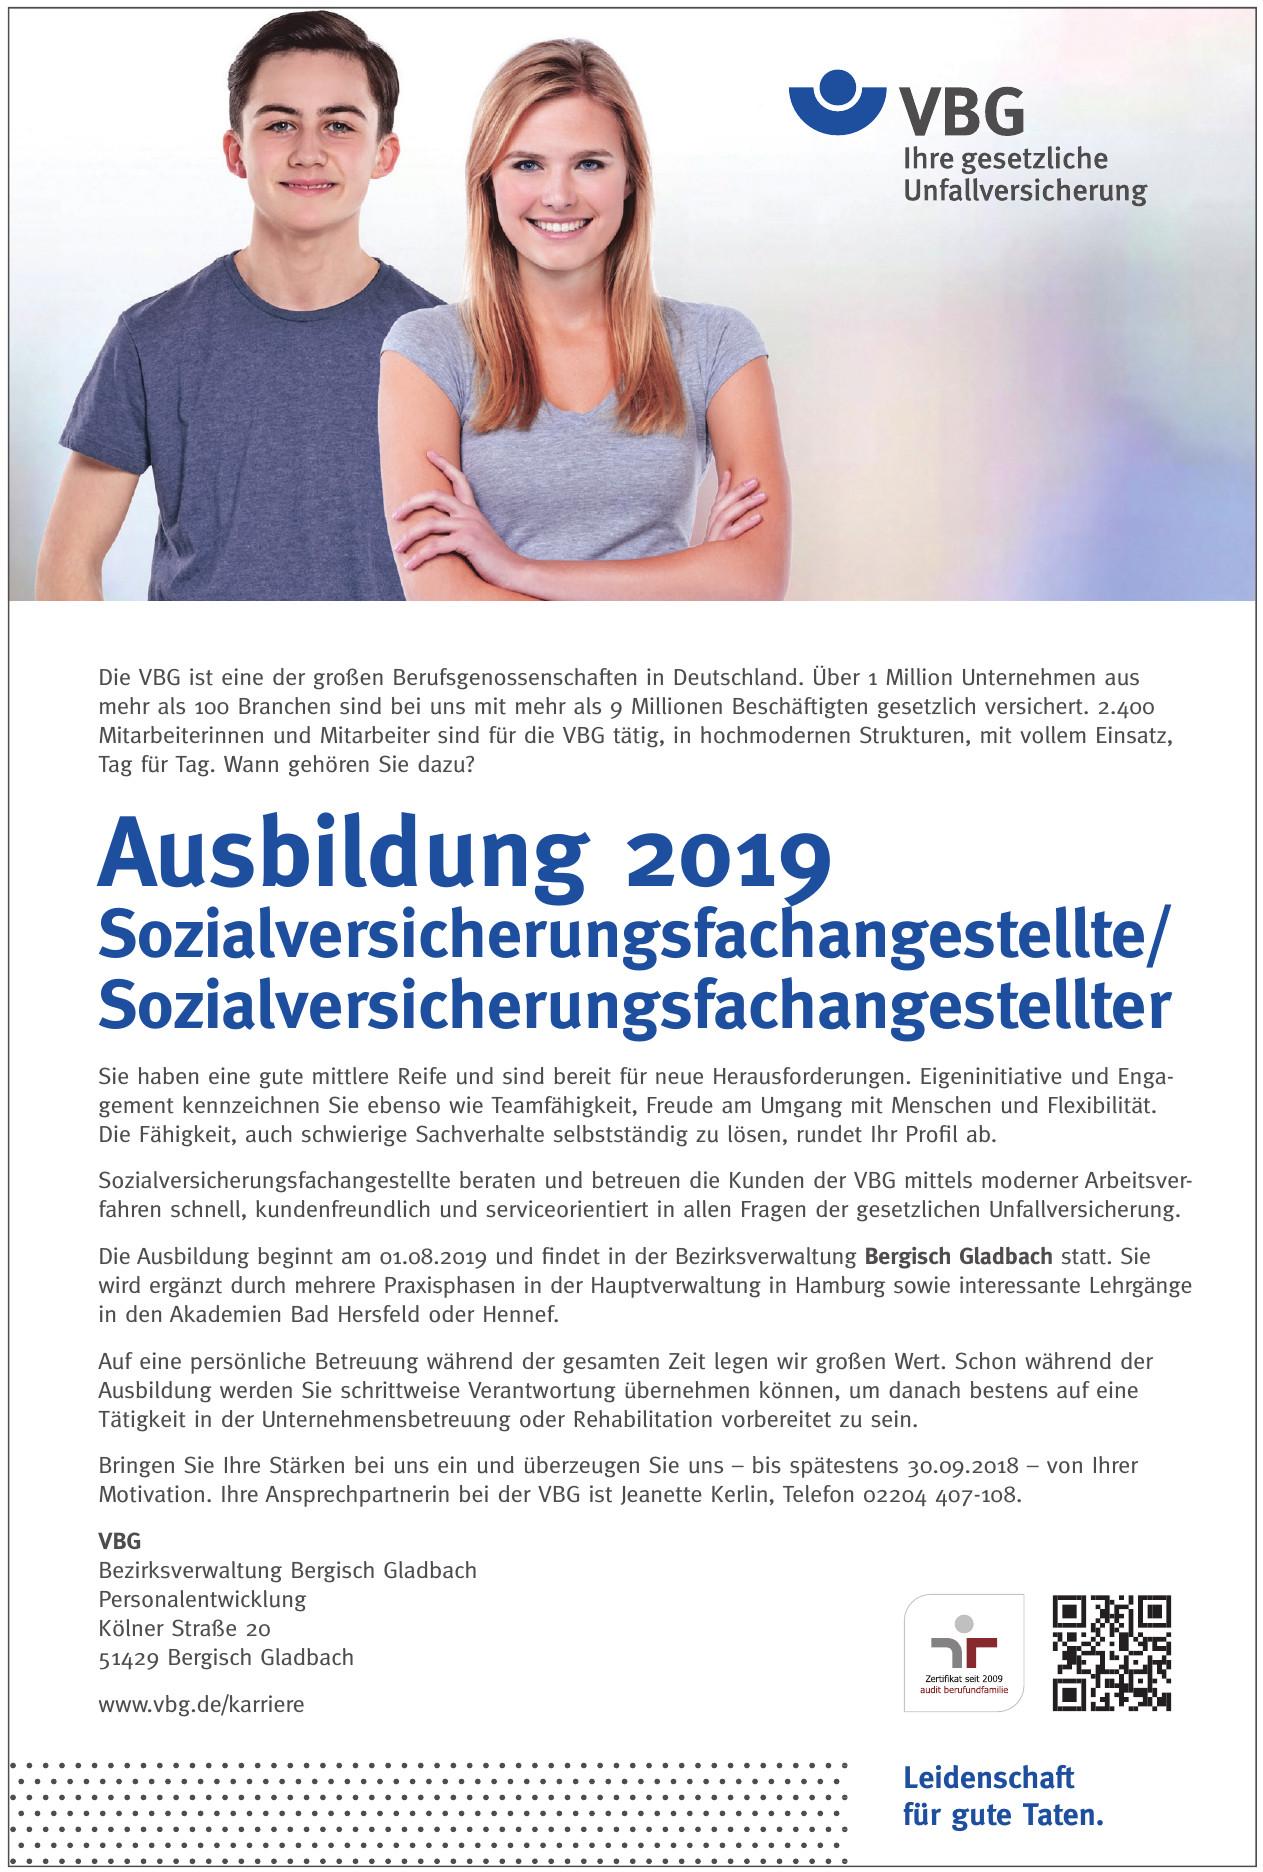 VBG - Bezirksverwaltung Bergisch Gladbach